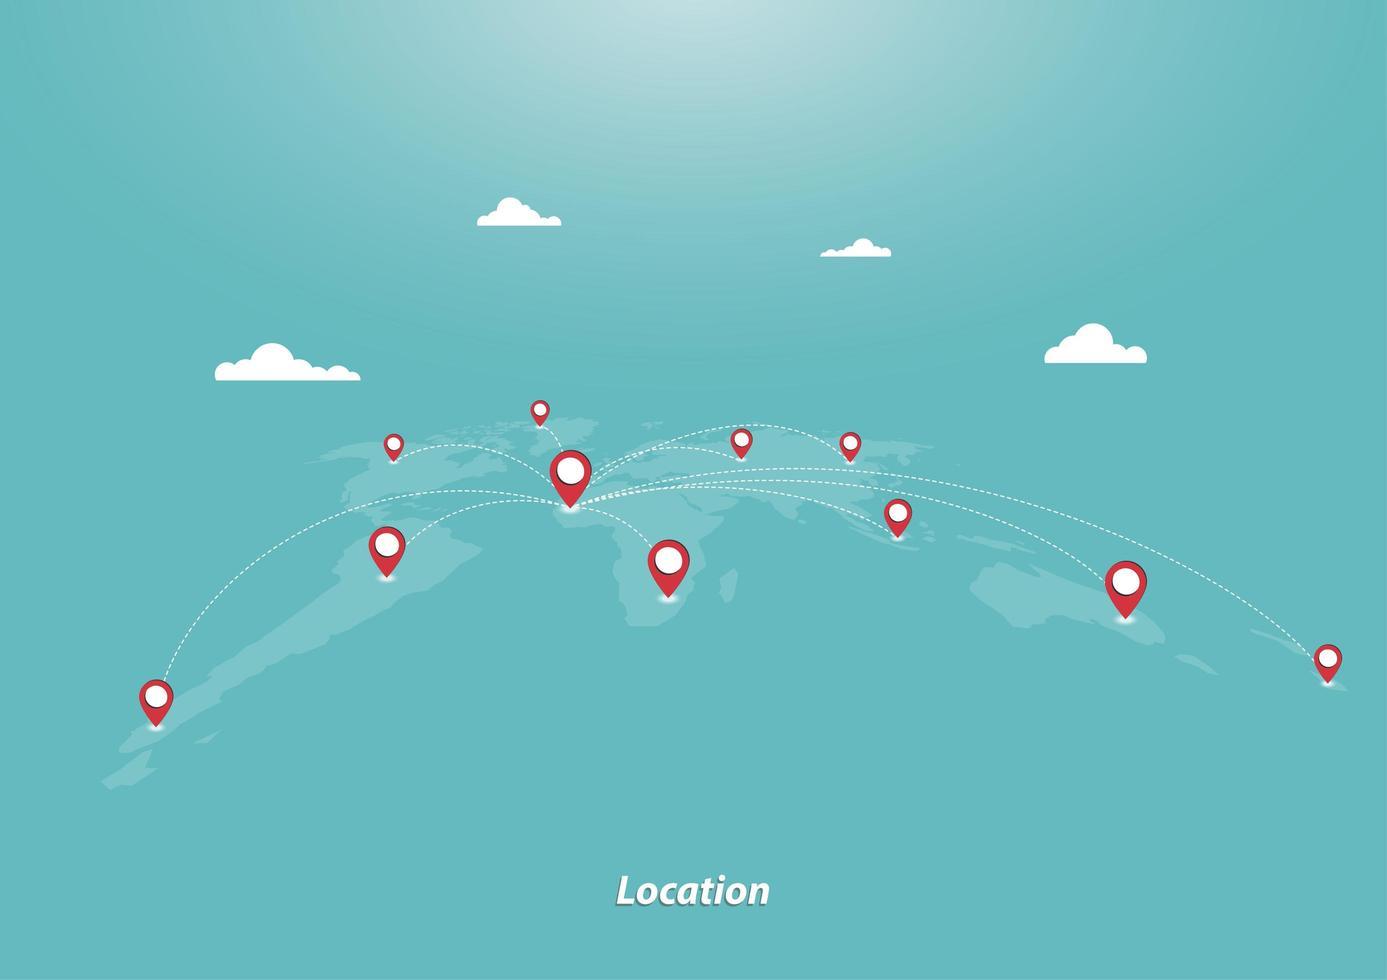 affari e geolocalizzazione vettore